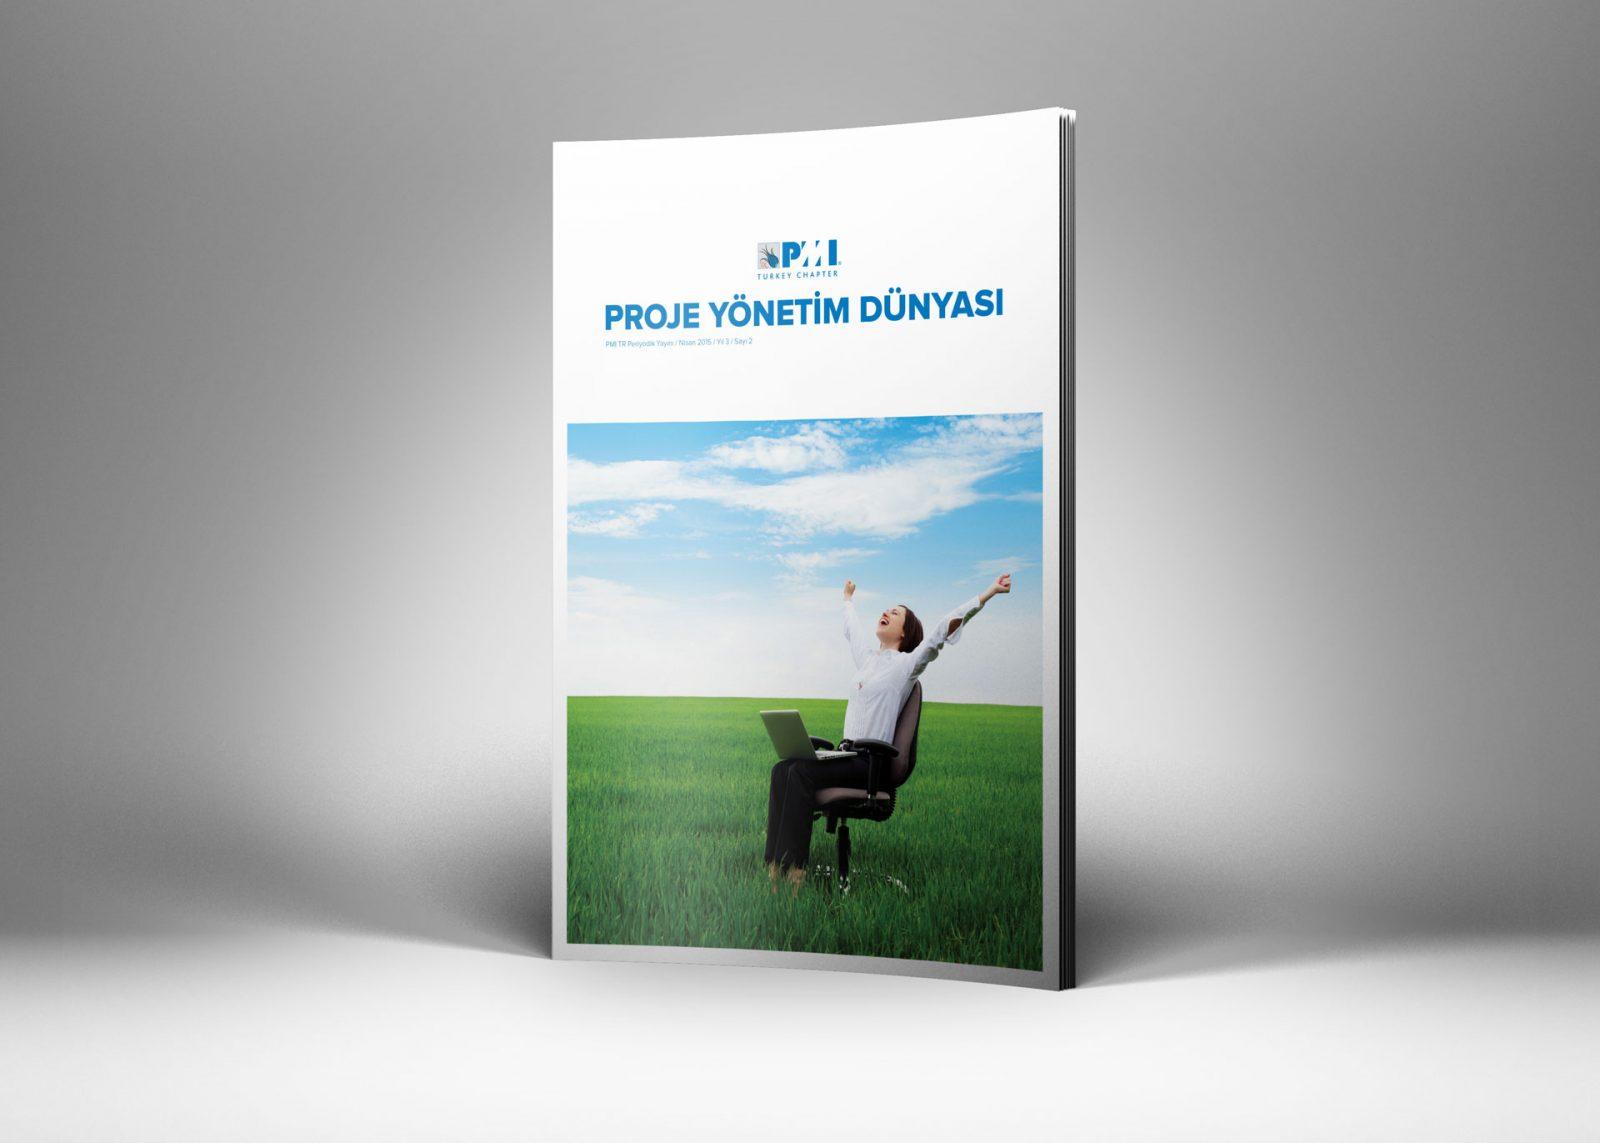 pmi tr dergi tasarımı sayı 2